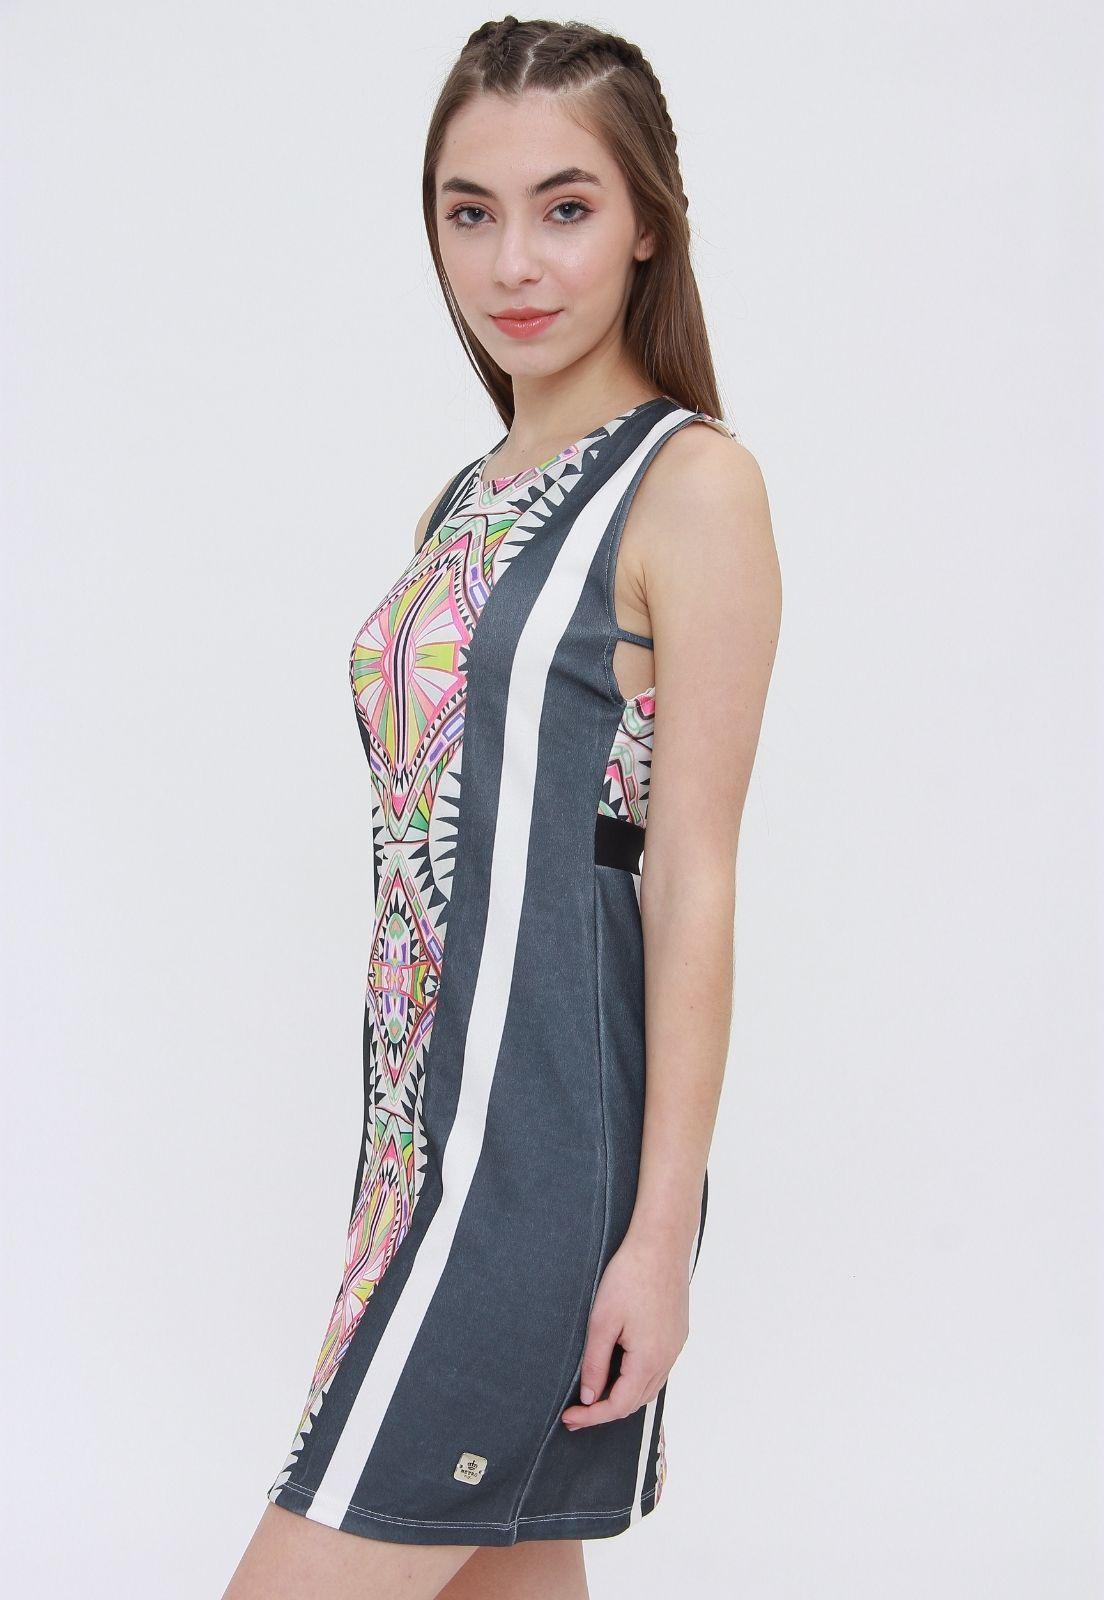 Vestido Curto Estampado Chinnah  - Metro & Co.